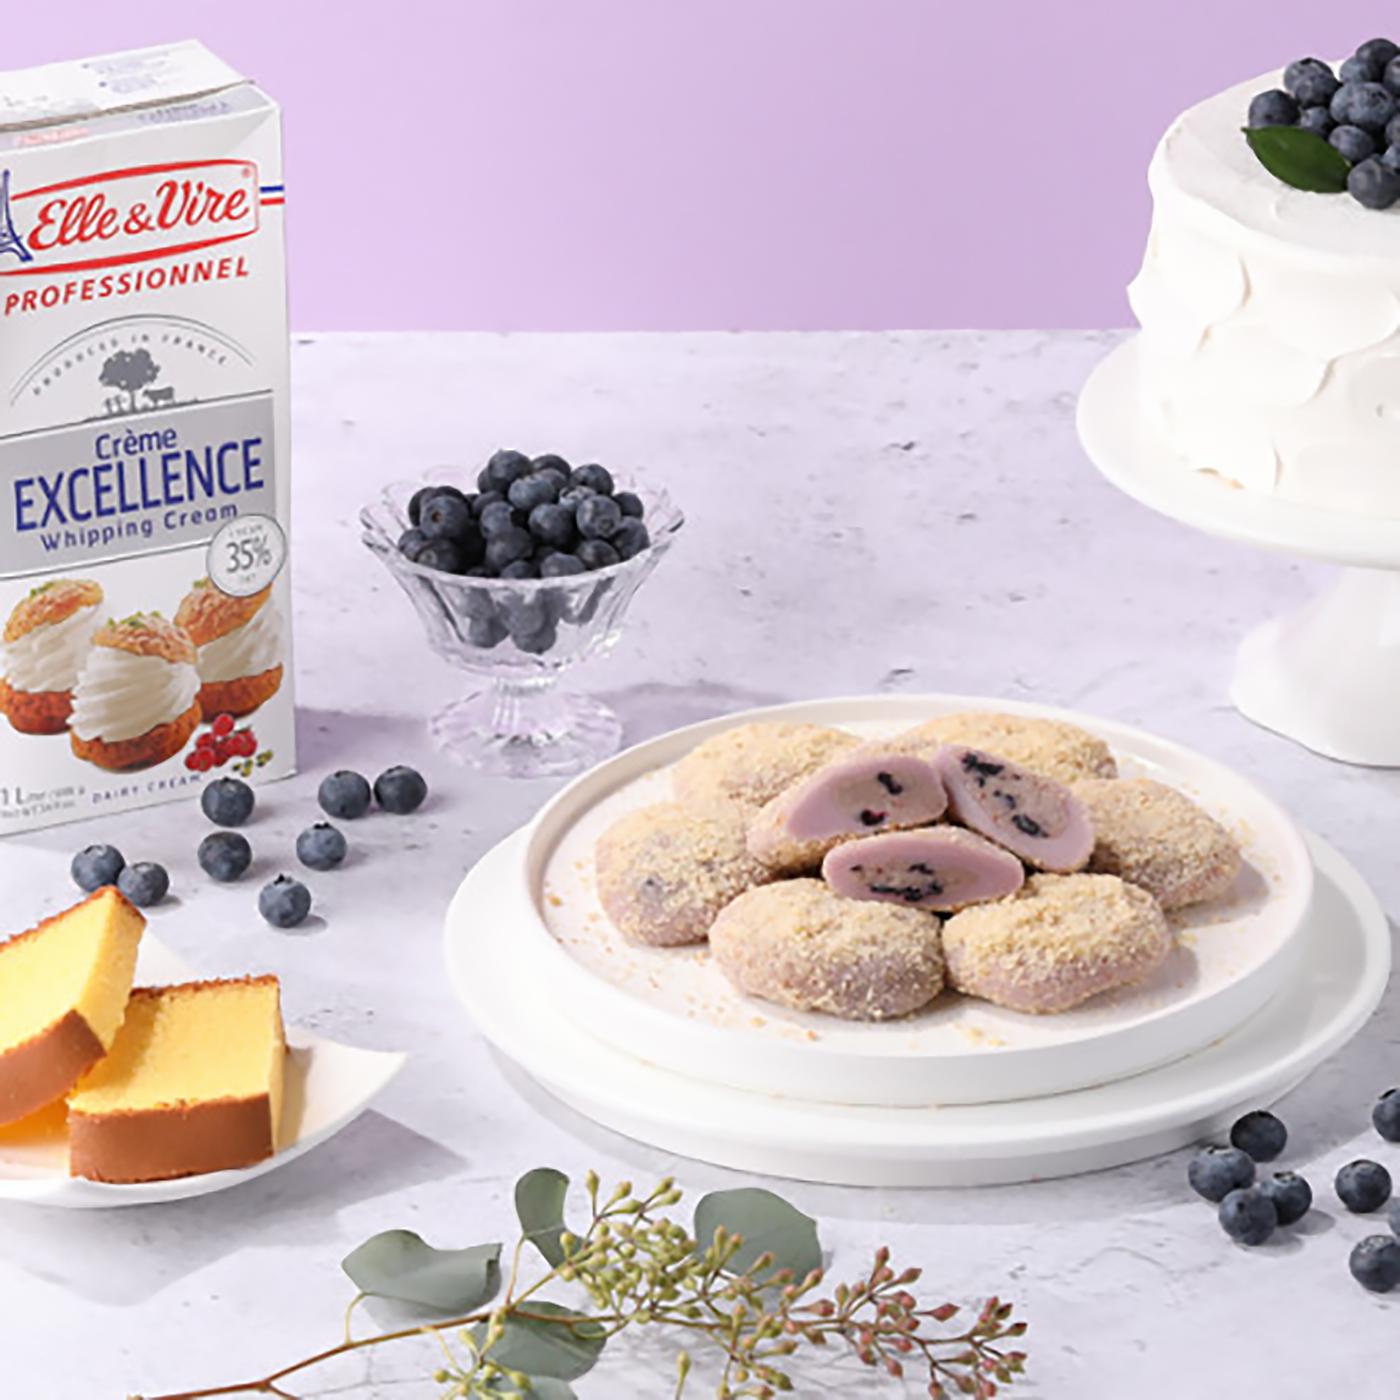 굳지 않는 블루베리 생크림 케익 모찌 찹쌀떡 (15입) 상세이미지6